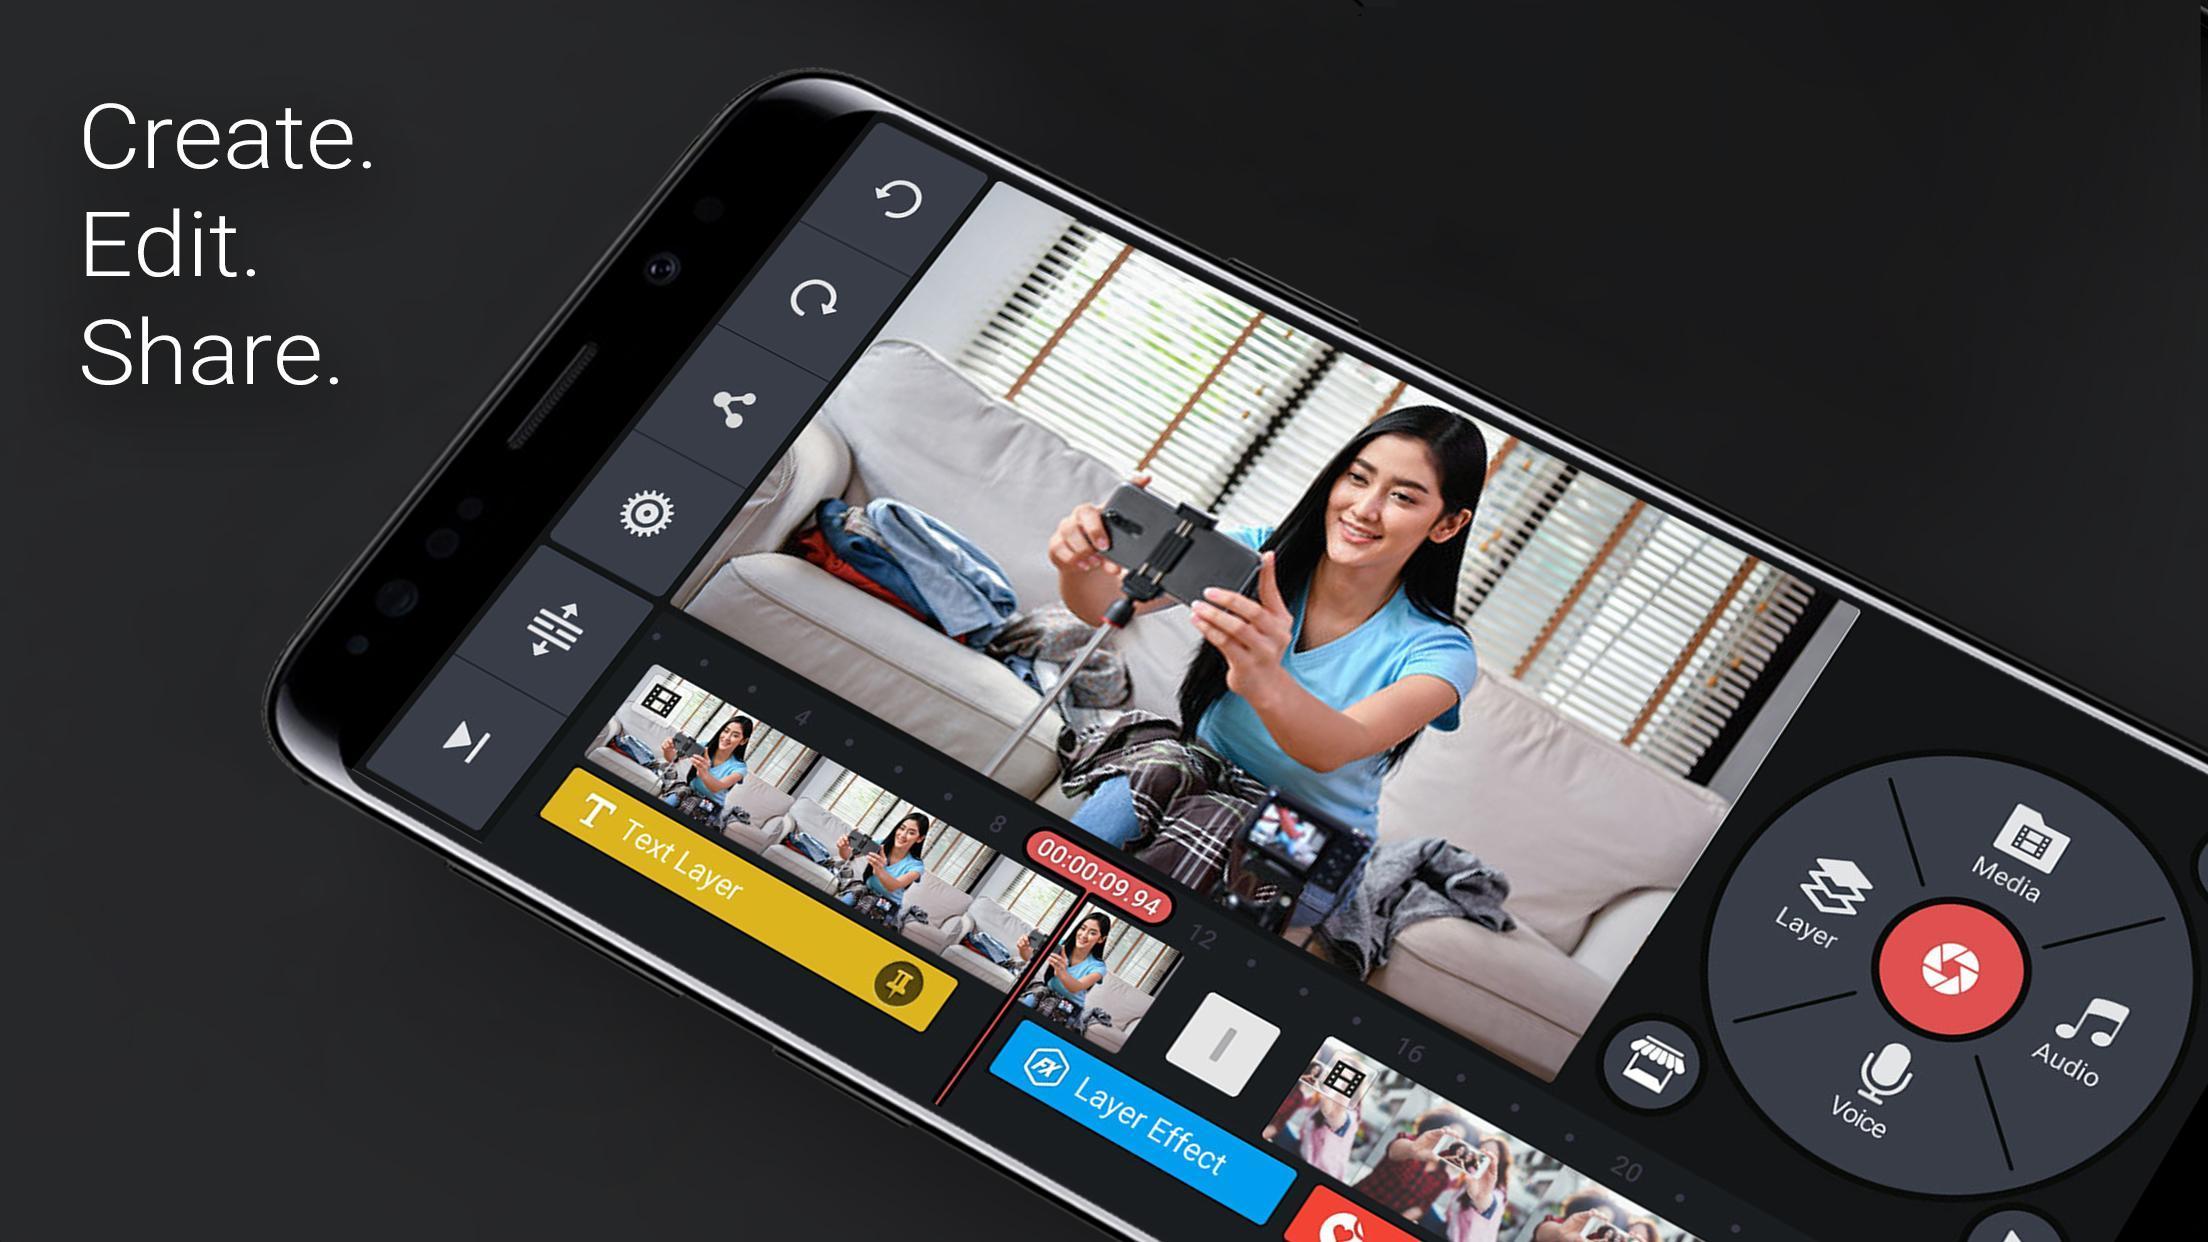 aplikasi kinemaster untuk edit video